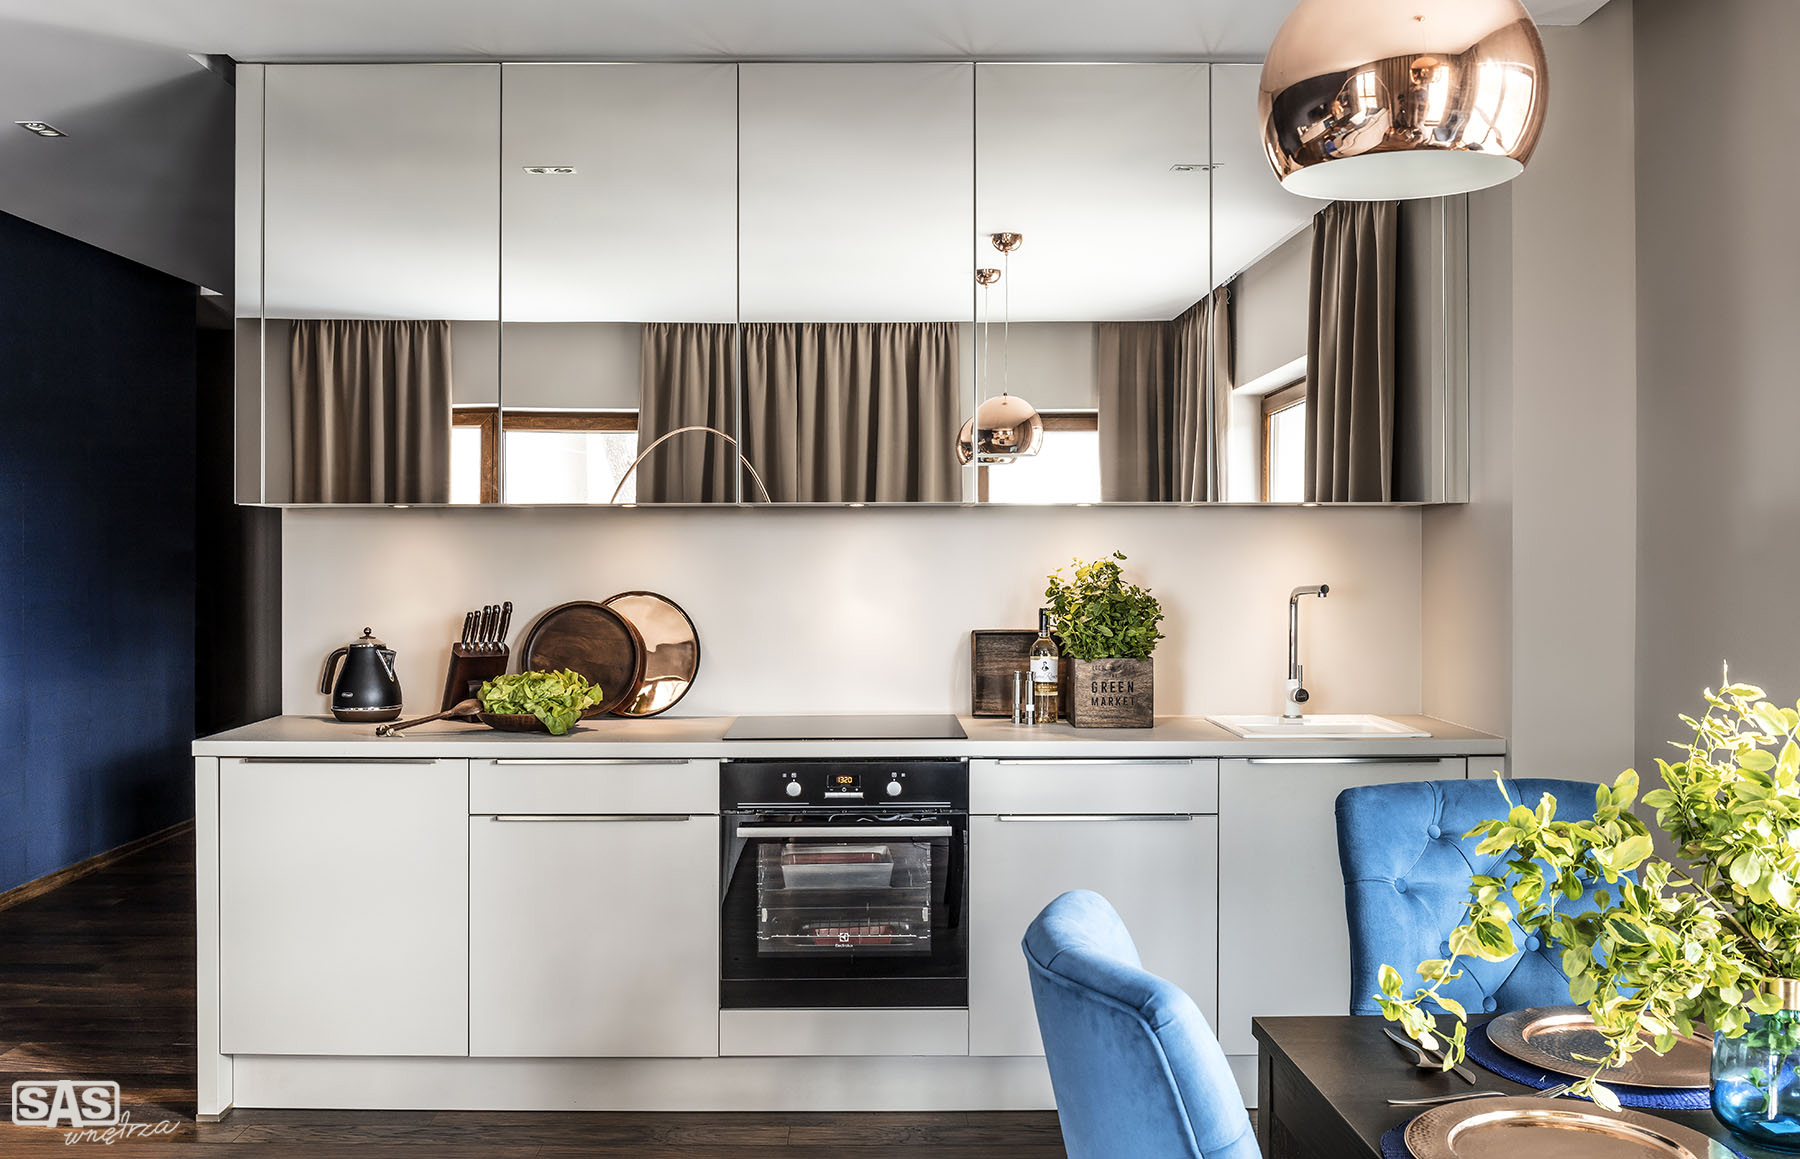 Meble kuchenne Sand - lustrzane fronty - oferta SAS Wnętrza i Kuchnia, projekt architekt wnętrz Emilia Strzempek Plasun.